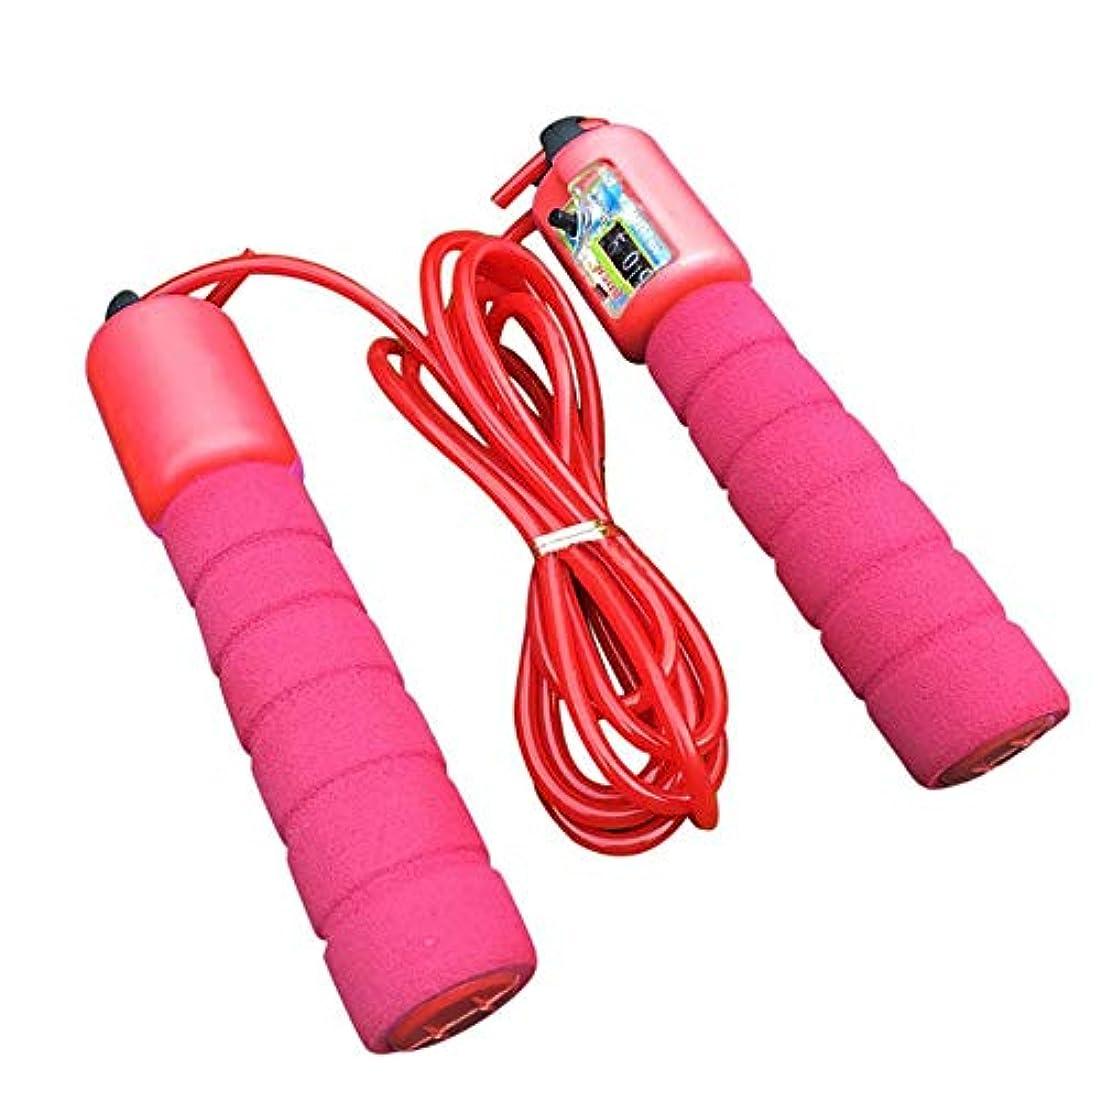 メッシュハンドブックスロープ調整可能なプロフェッショナルカウント縄跳び自動カウントジャンプロープフィットネス運動高速カウントジャンプロープ - 赤